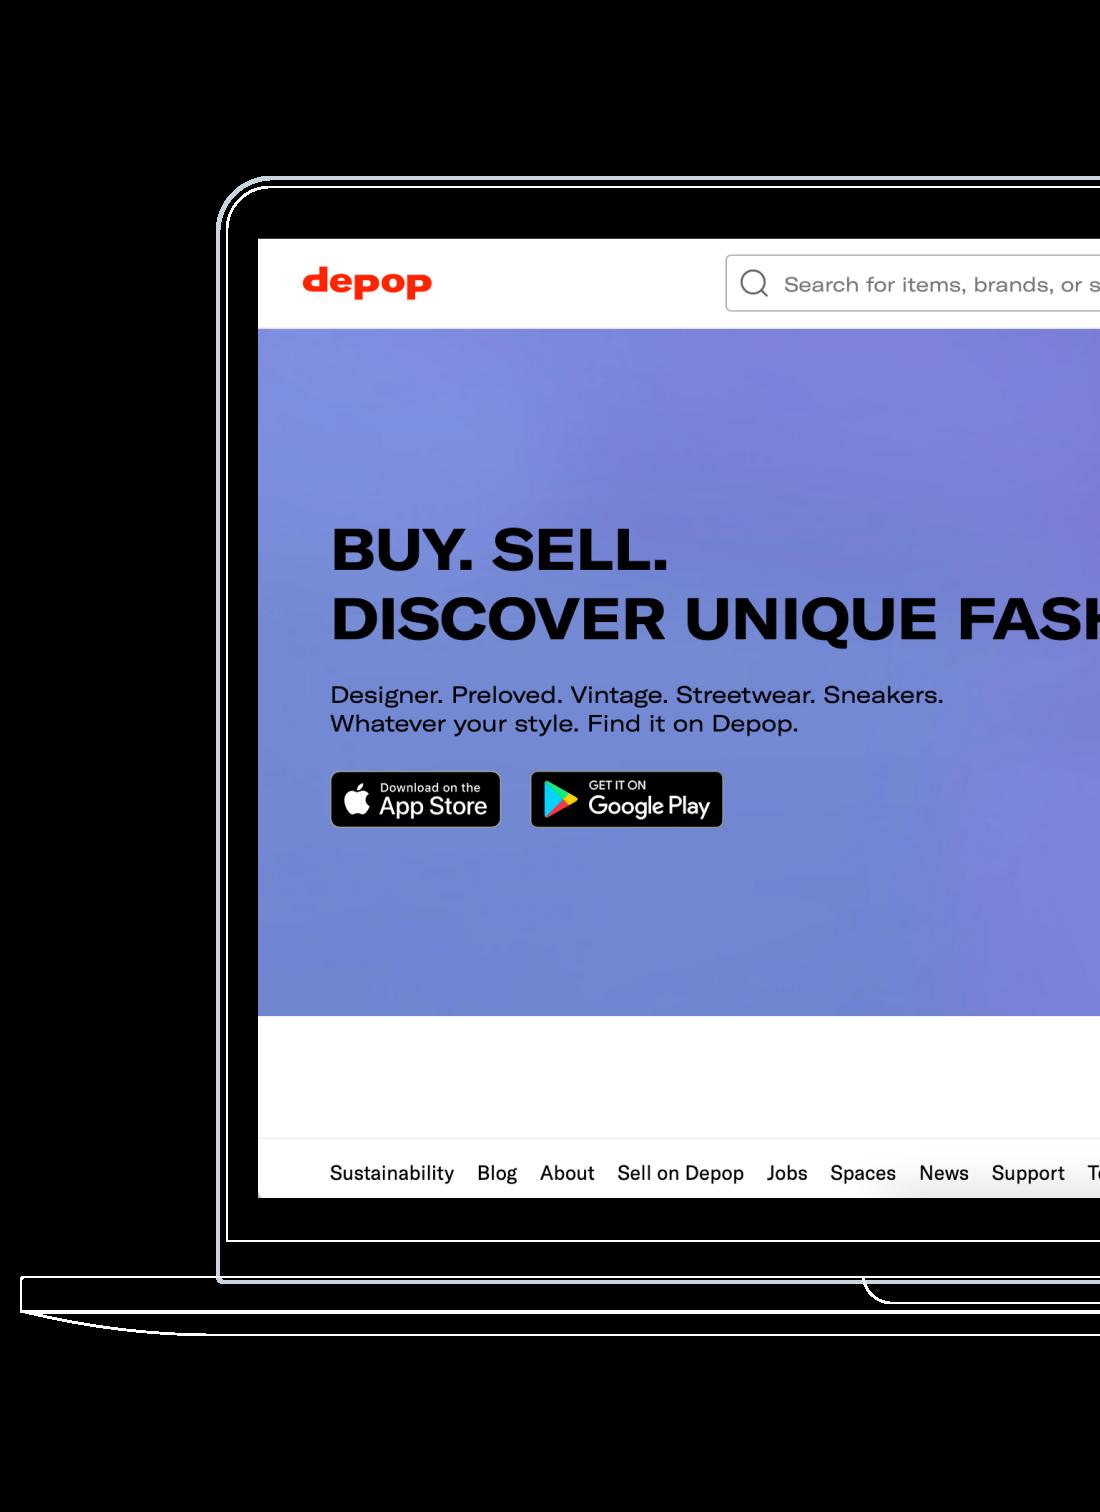 Homepage of Depop mobile app screen.